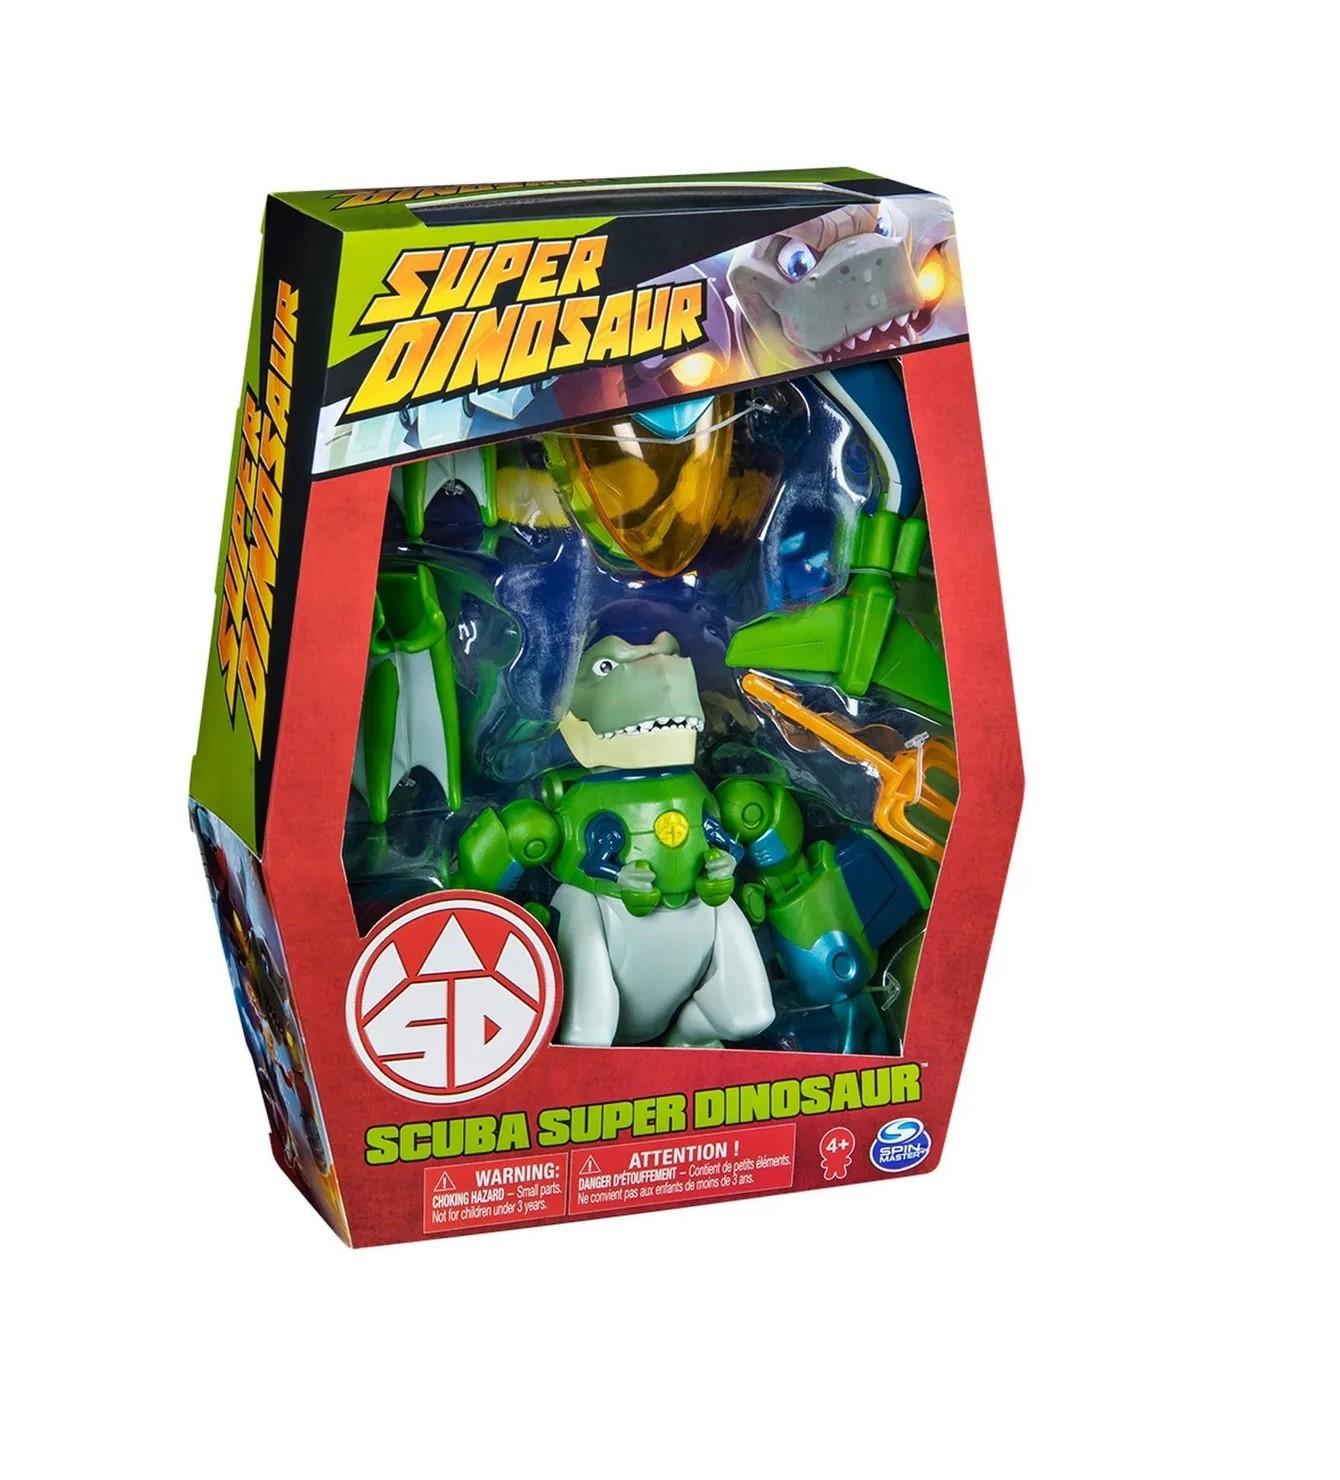 Boneco Super Dinosaur T-Rex Scuba com kit de acessórios Submarino Multikids  - Mix Eletro